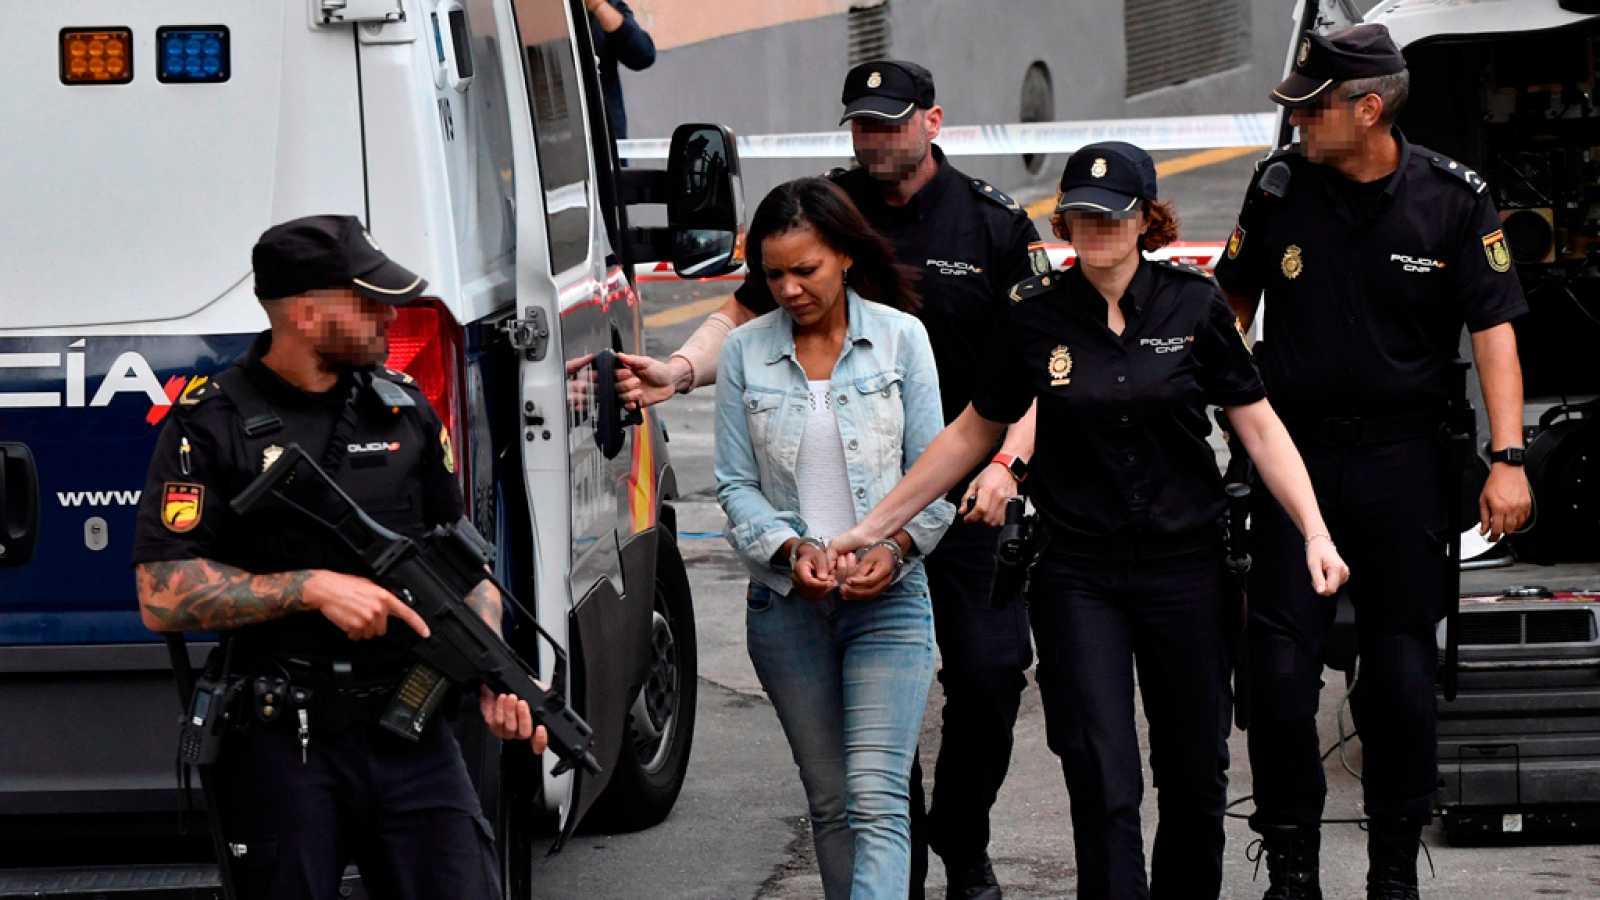 Juicio Quezada: Los agentes de la guardia civil aseguran que la búsqueda de Gabriel costó 200 mil euros